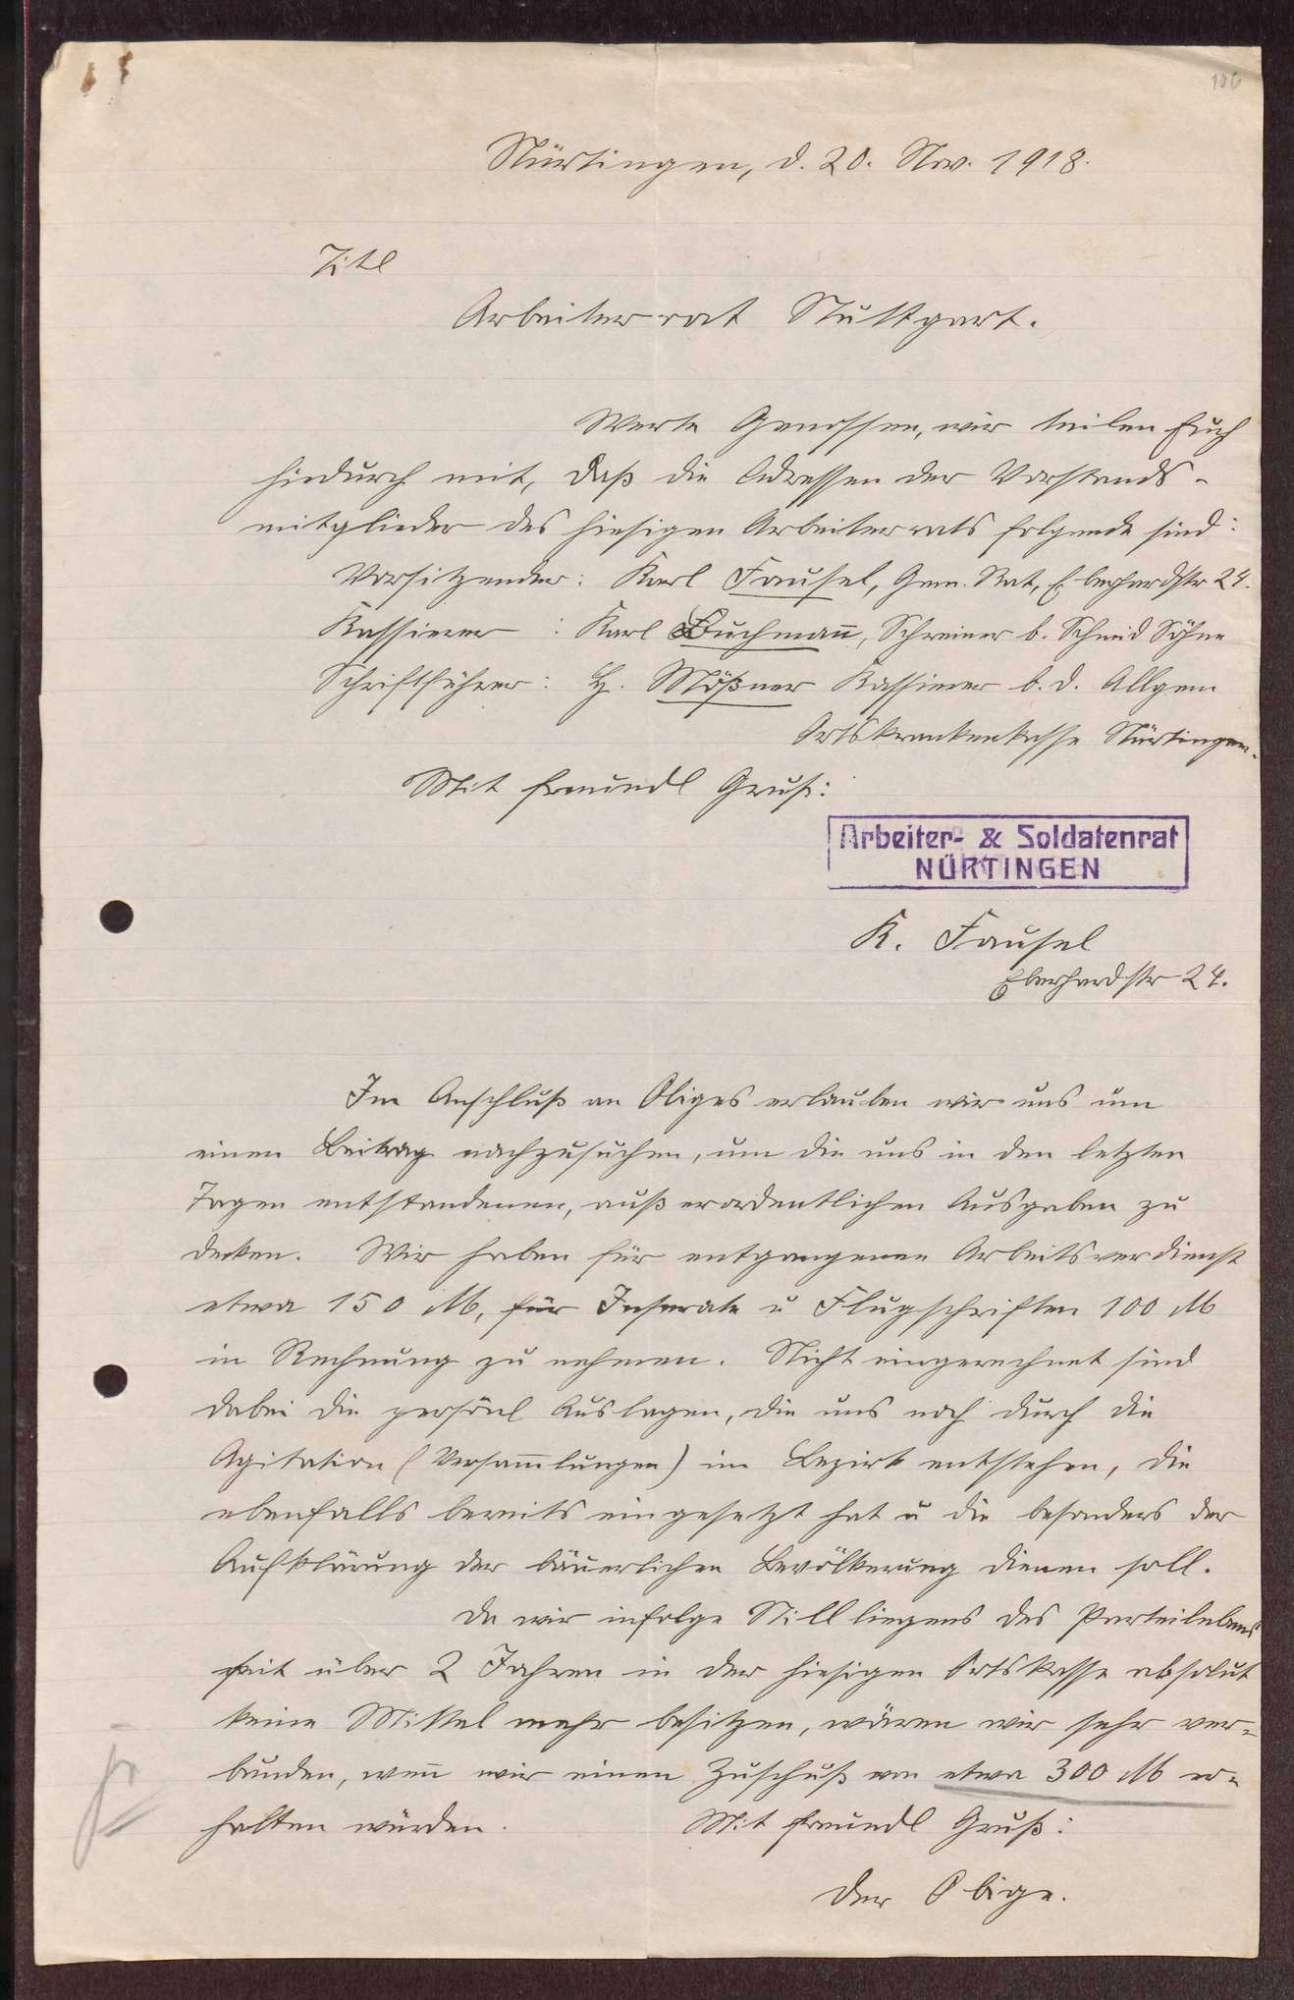 Finanzierung und Rechnungslegung örtlicher Arbeiter- und Bauernräte im Oberamt Nürtingen, Bild 2